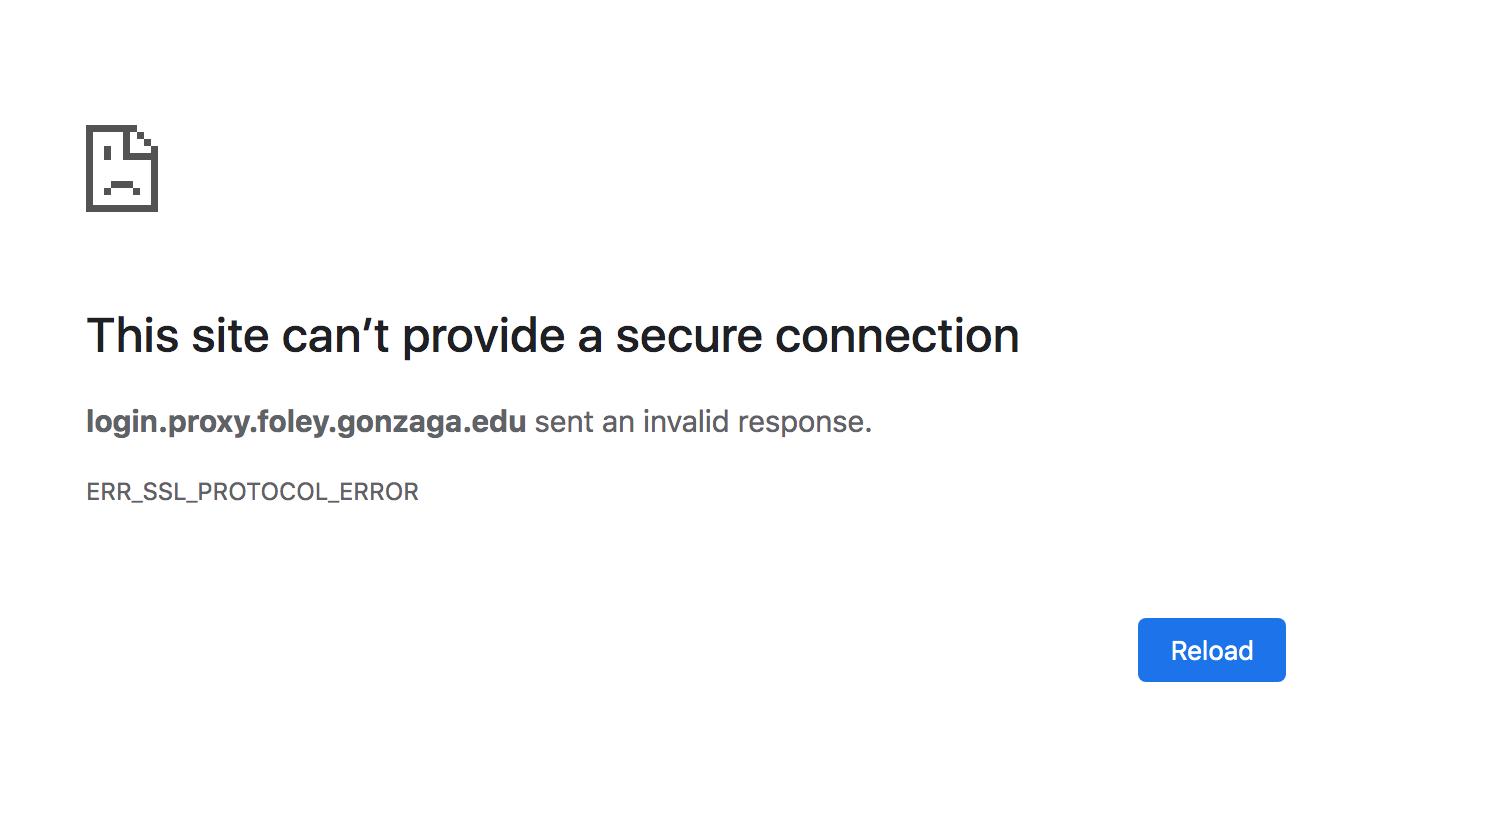 SSL Error